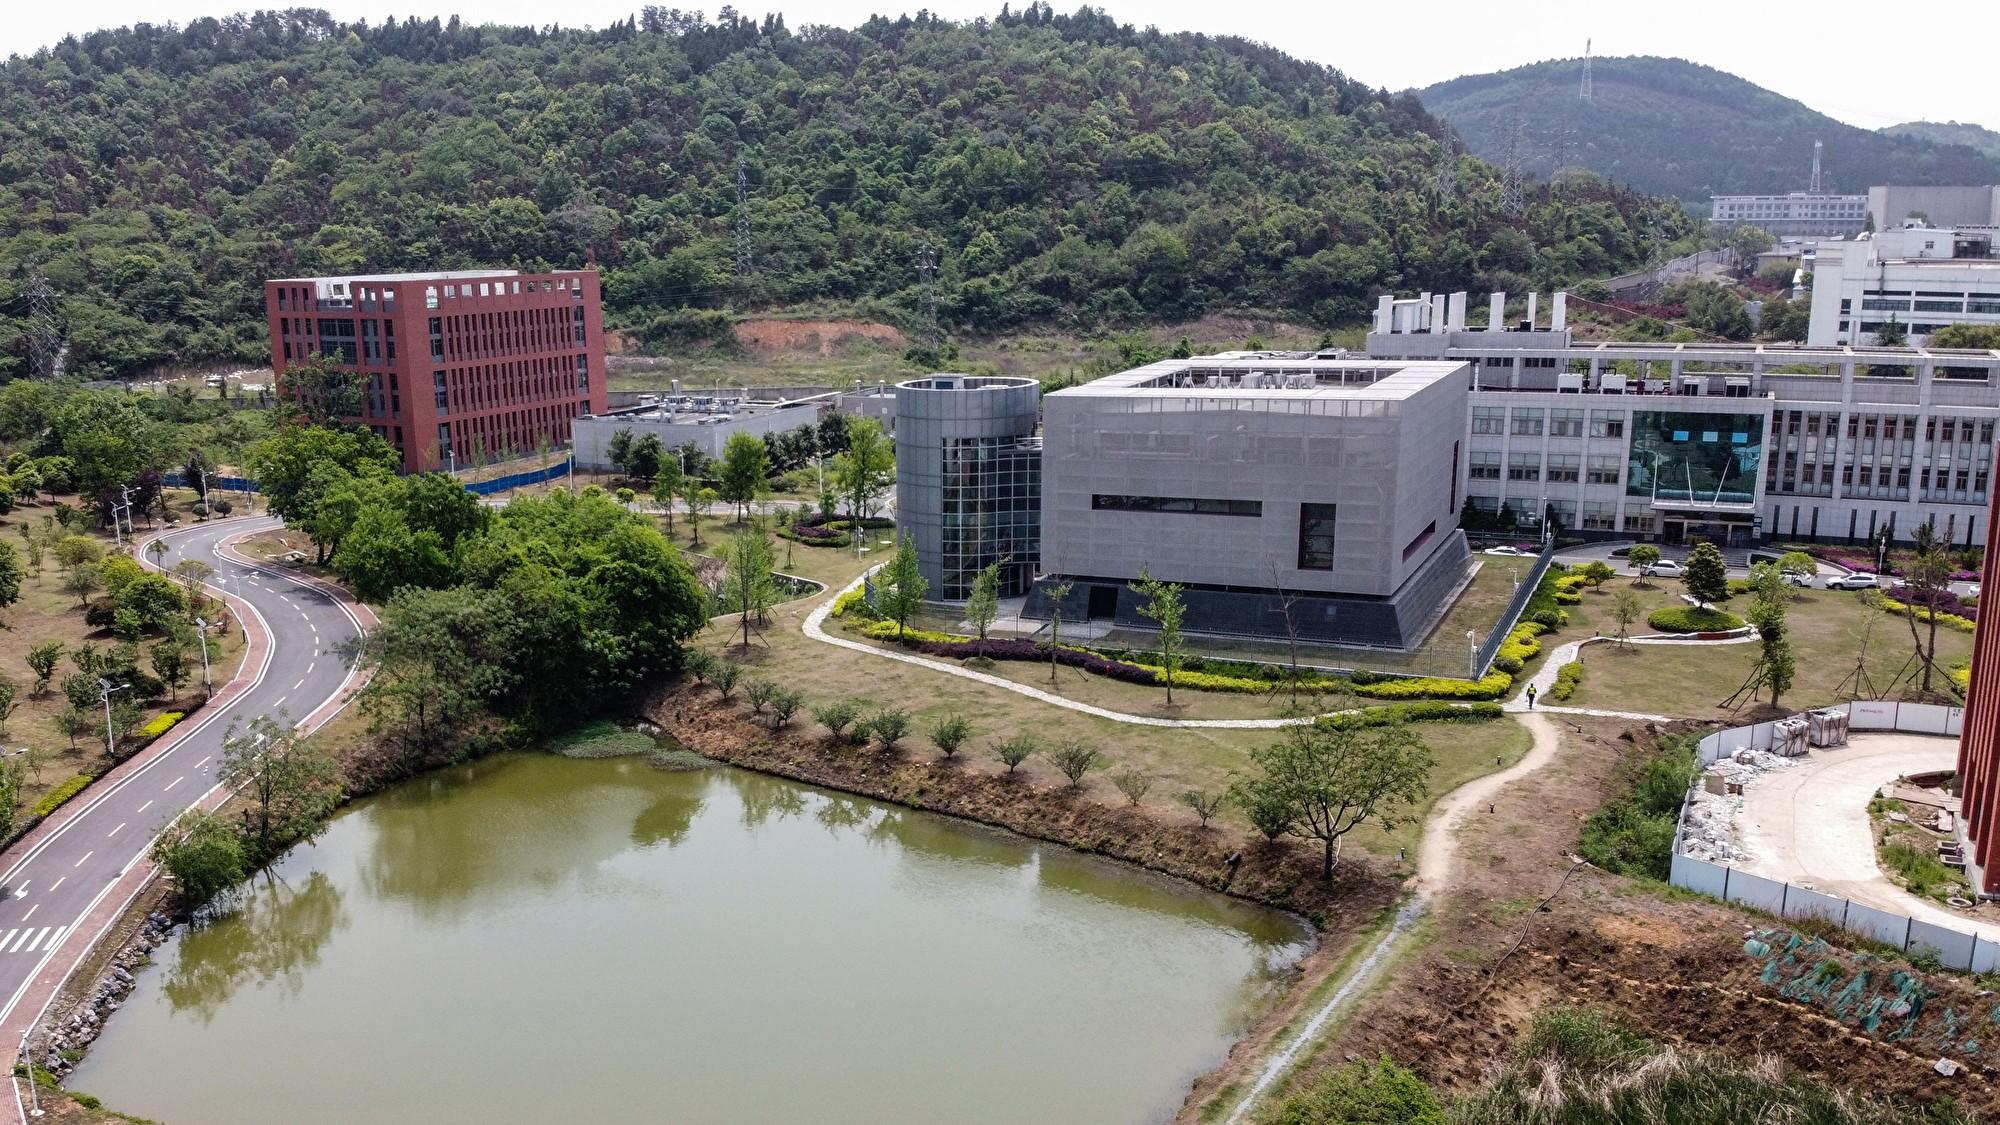 美媒披露,武漢病毒研究所的研究人員2019年11月生病住院或情況嚴重。圖為該研究所。(HECTOR RETAMAL/AFP via Getty Images)